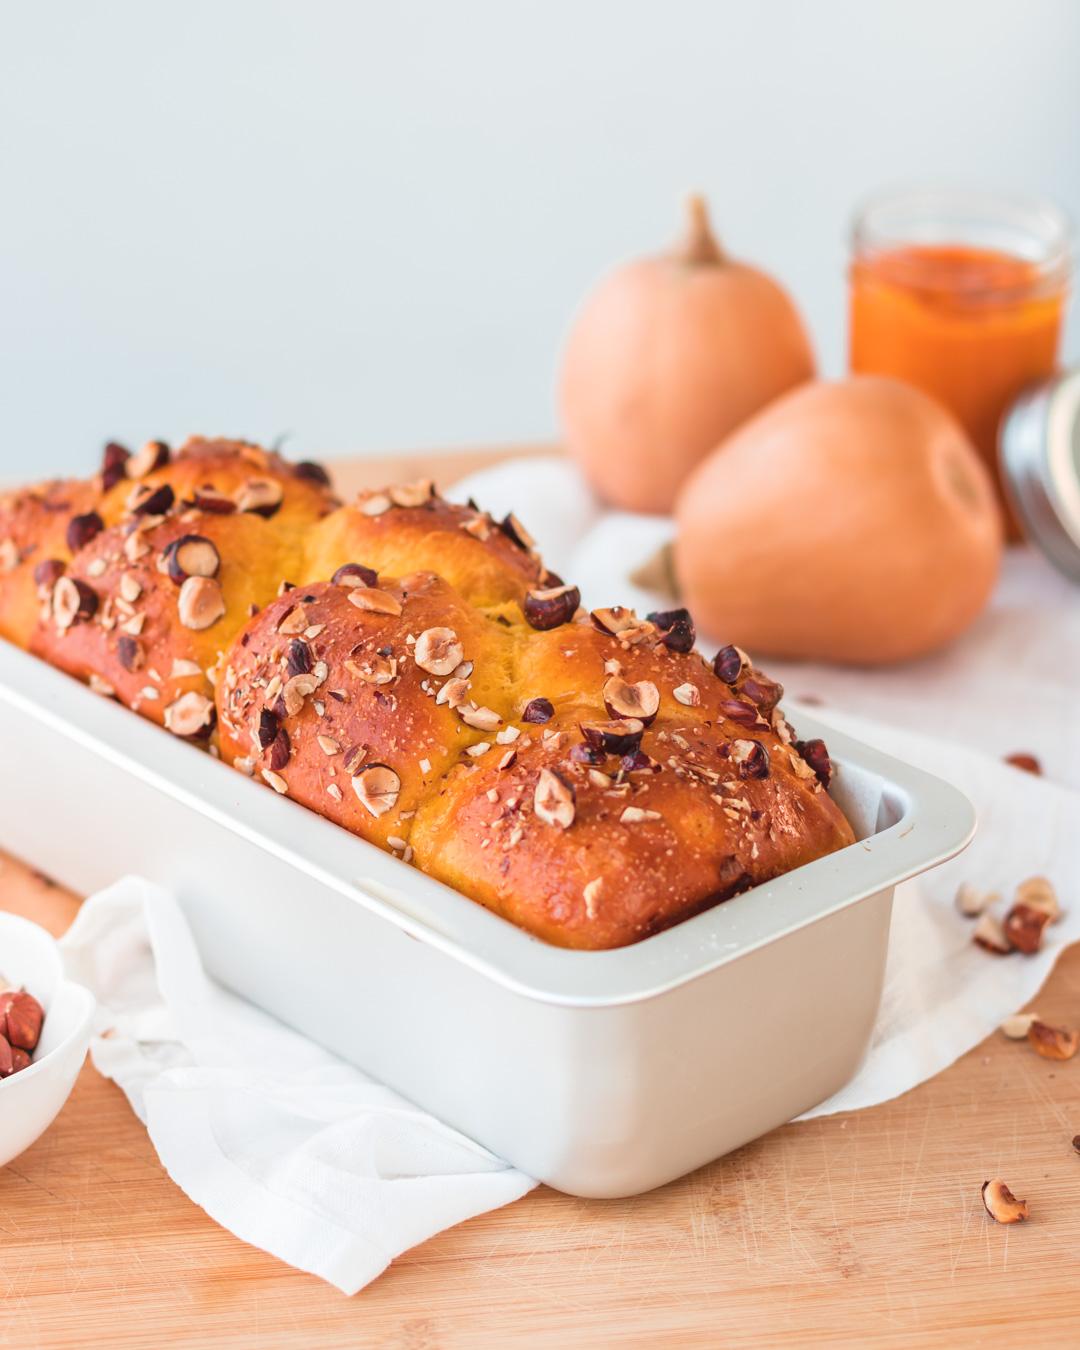 stampo plumcake con pane alla zucca e nocciole